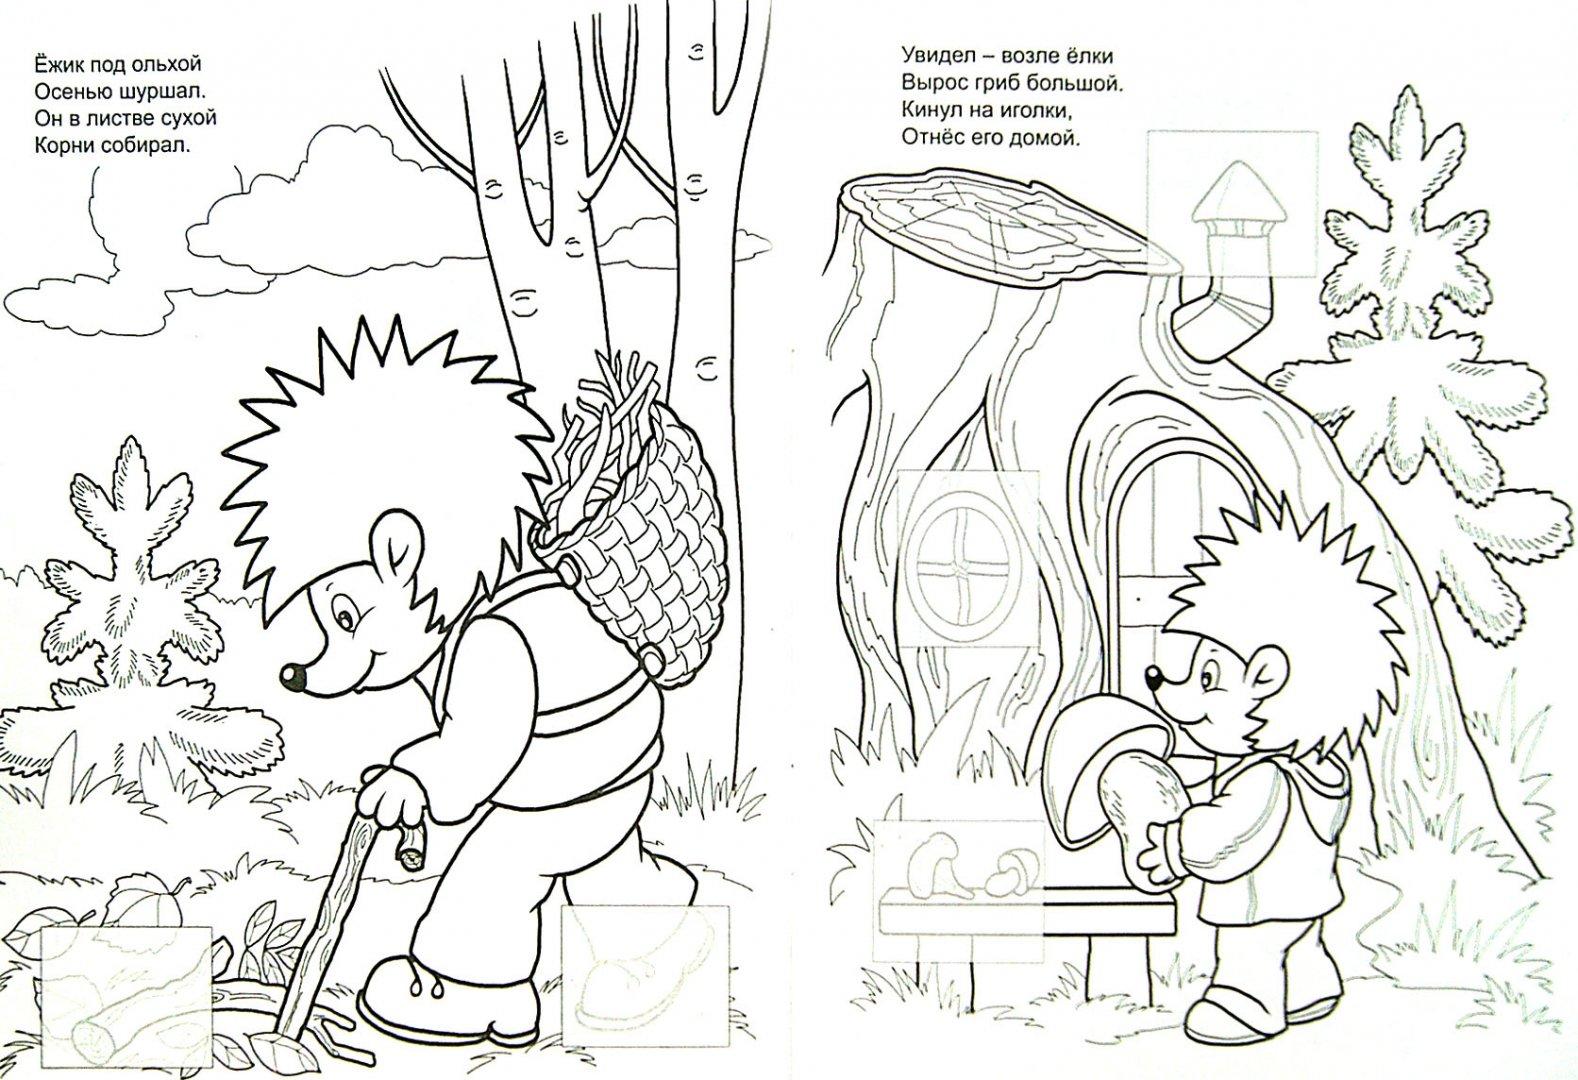 Иллюстрация 1 из 8 для Золотая осень - Виталий Лиходед   Лабиринт - книги. Источник: Лабиринт